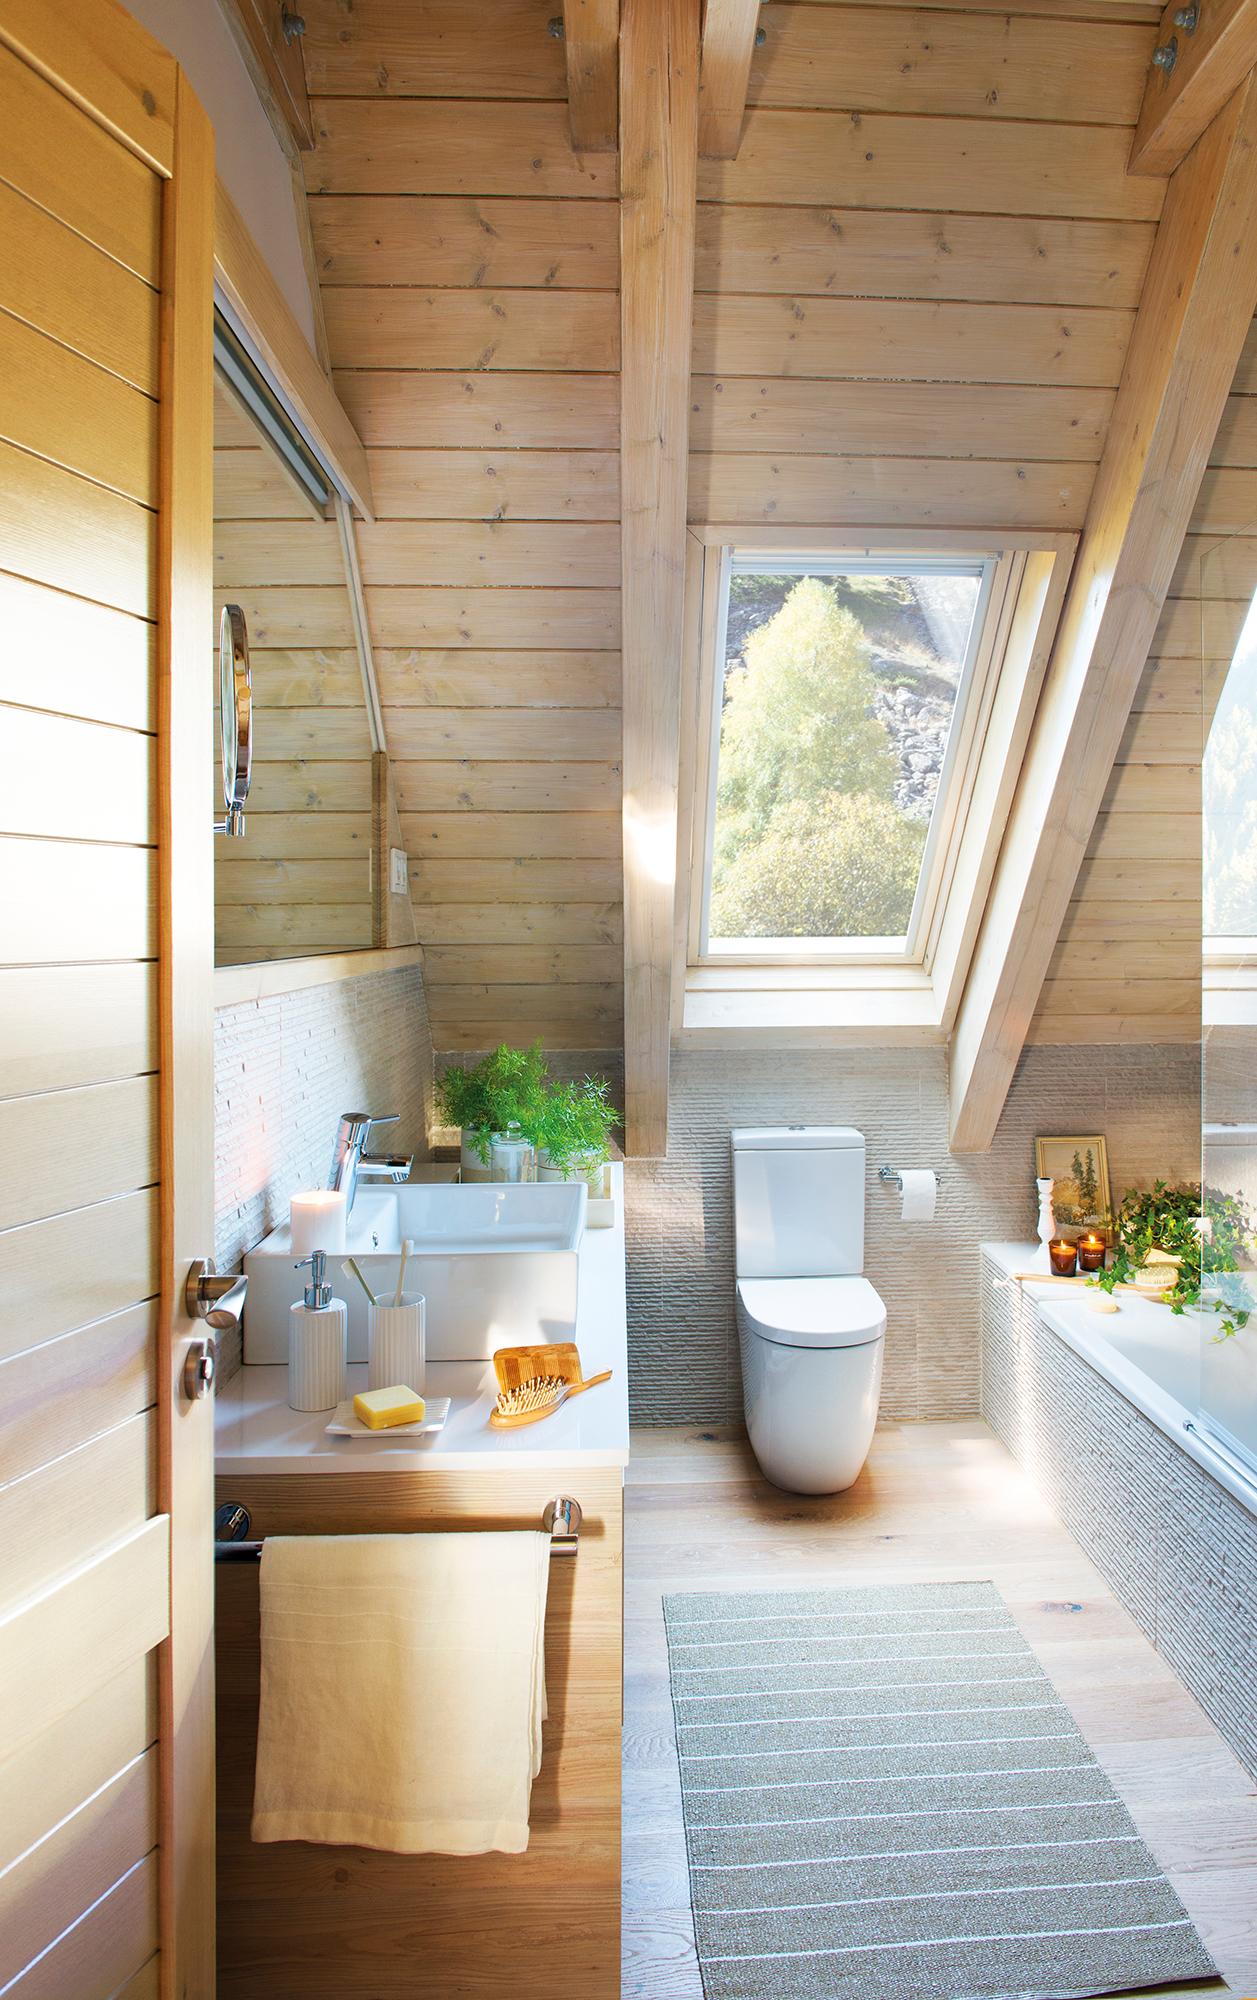 Sanitarios claves para elegir el lavamanos y el inodoro - Sanitarios bano ...